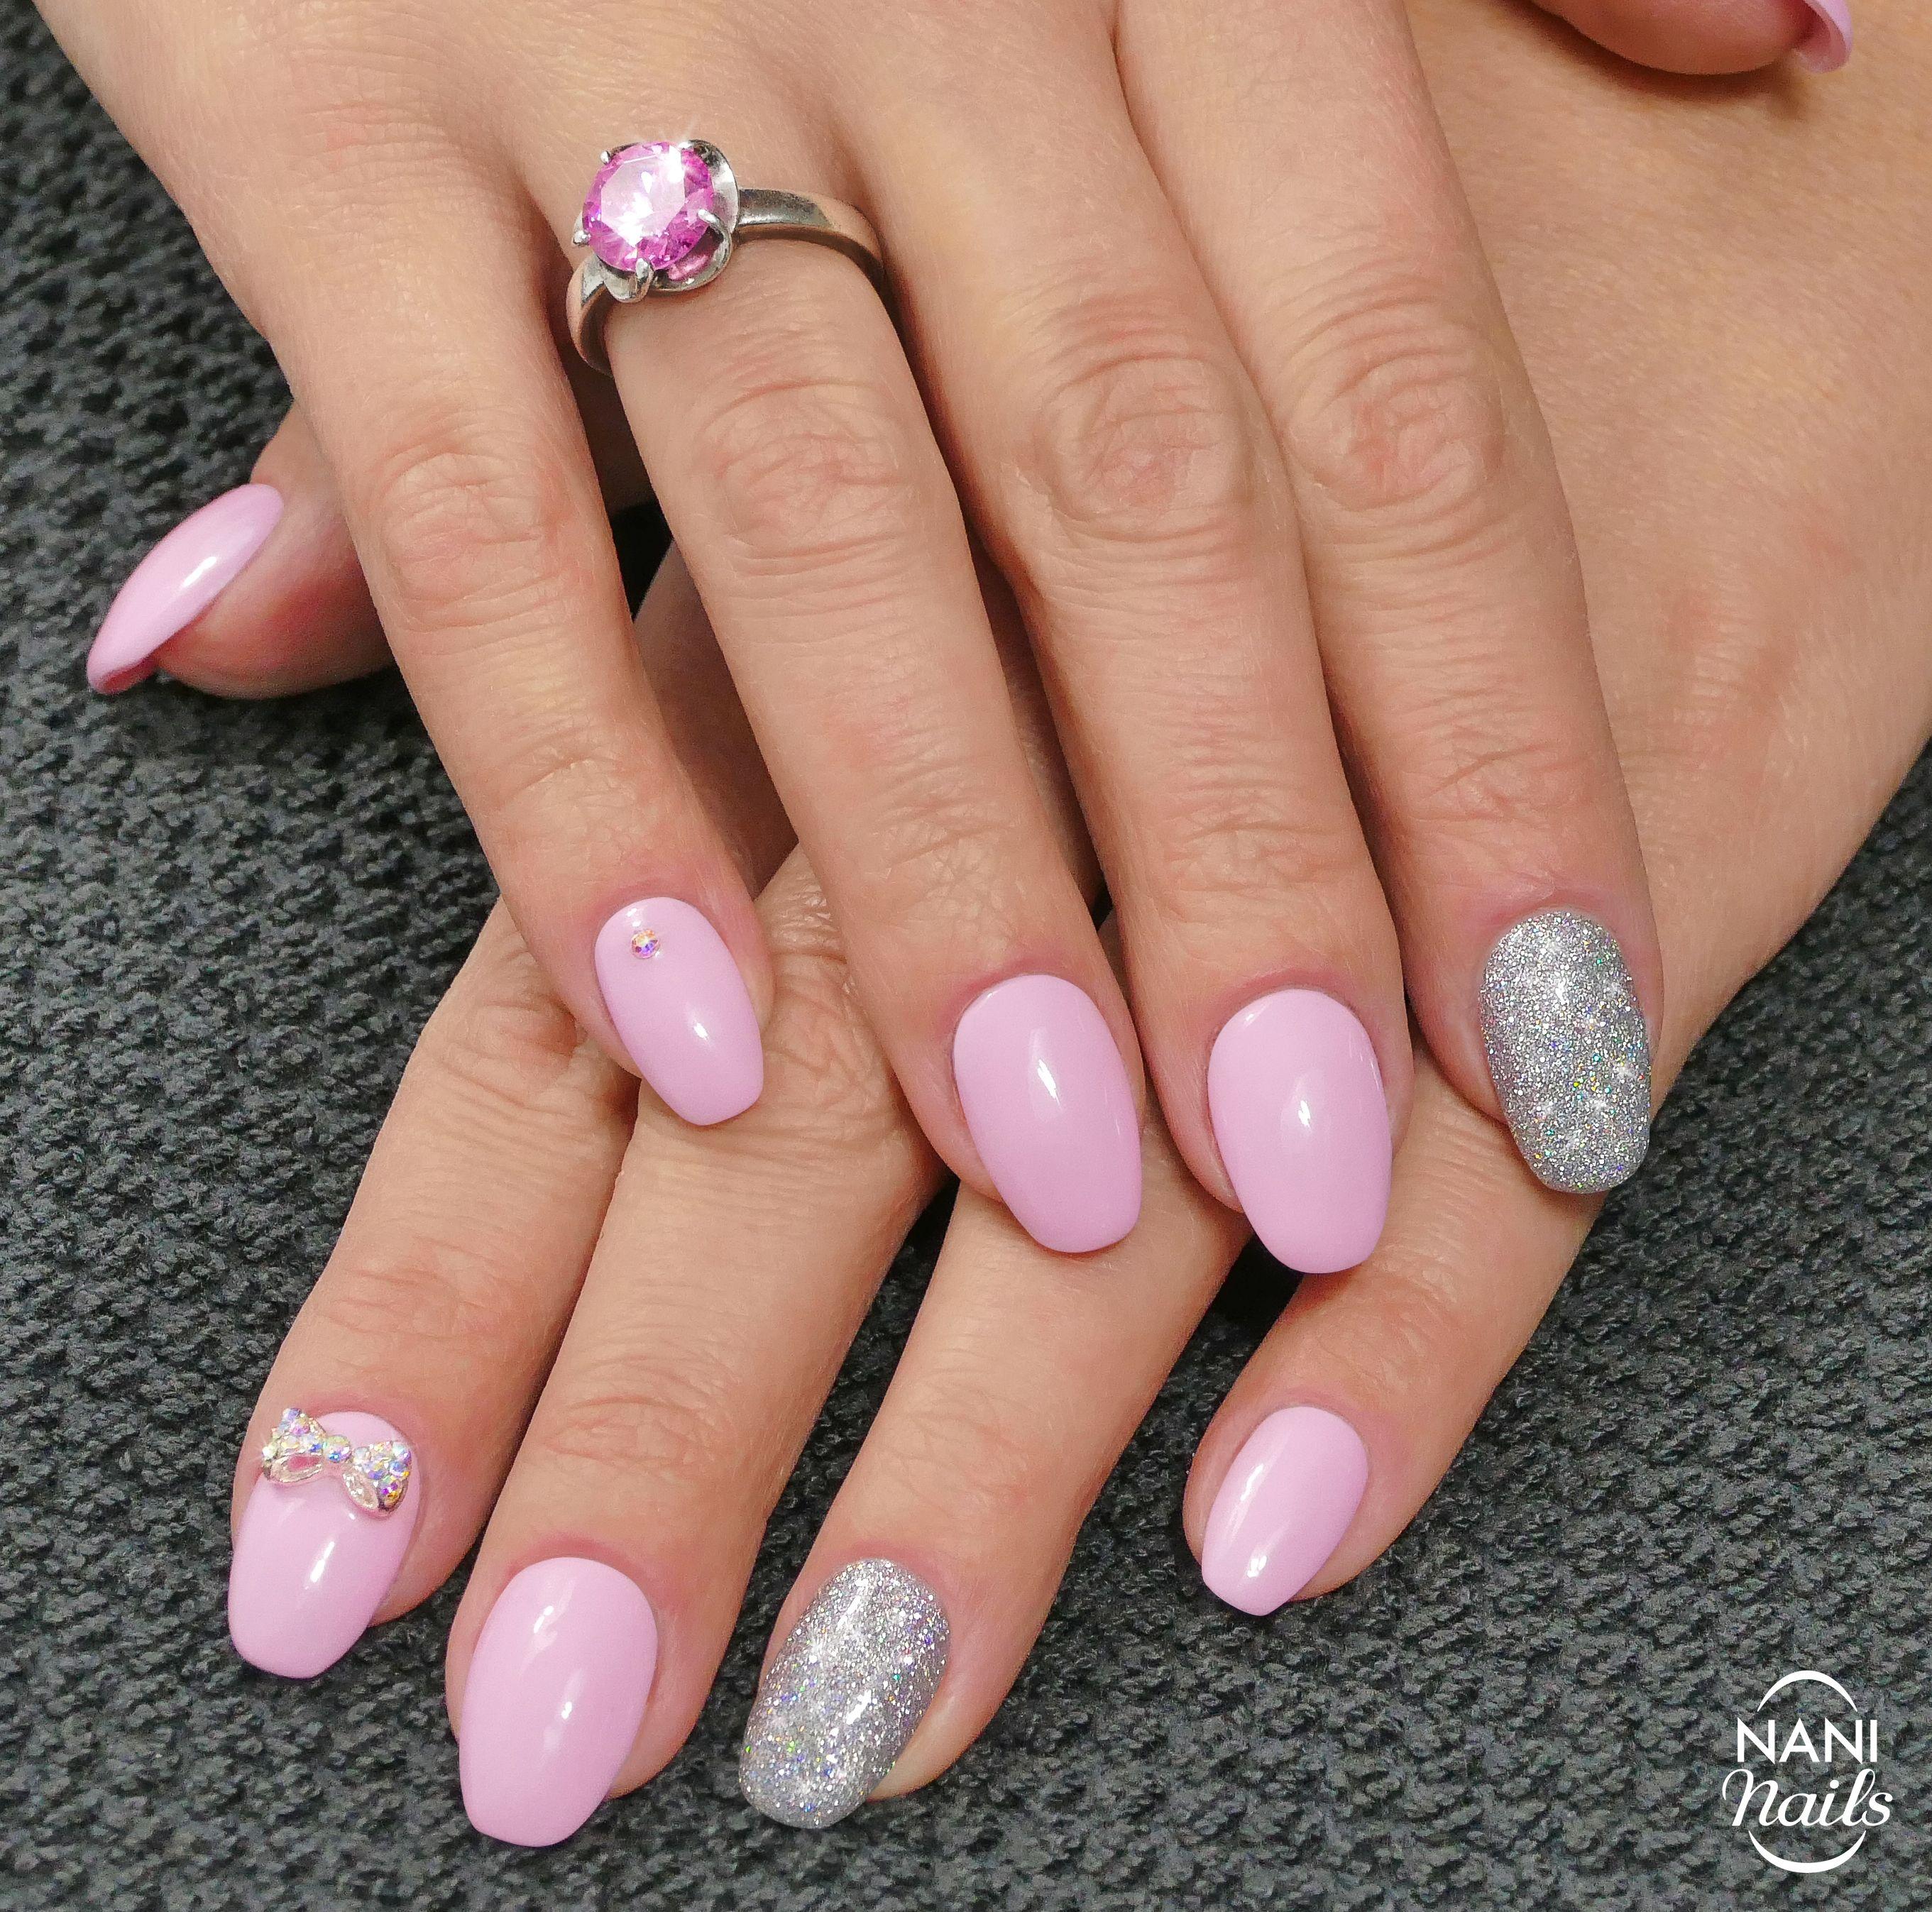 Manikura Jako Pro Panenku Nebo Treba Idealni Na Ples Nemam Pravdu Gelnails Nails Glitter Prom Nailart Nanina Vzory Pro Zdobeni Nehtu Nail Art Nehet